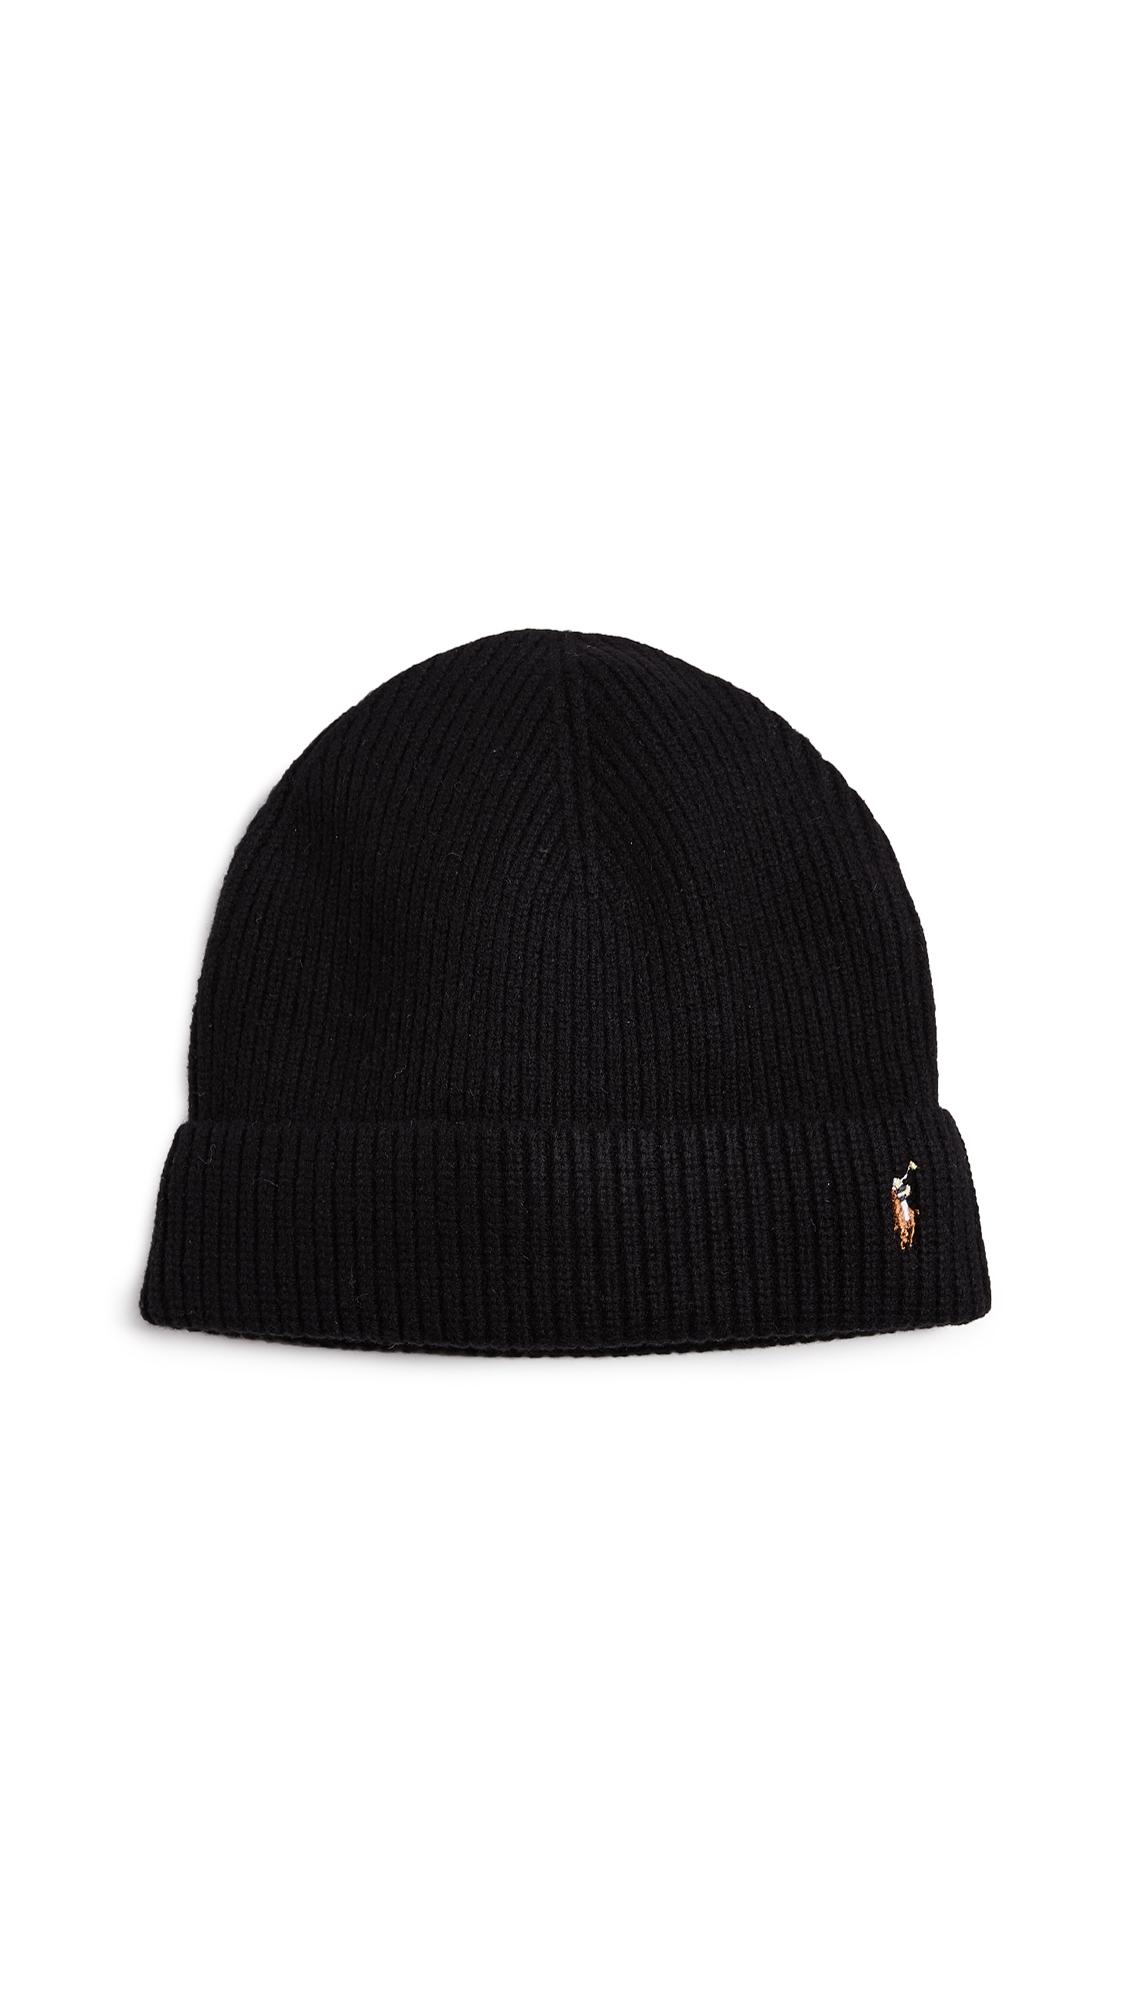 Polo Ralph Lauren Signature Merino Cuff Hat In Charcoal  37ae7dde08e